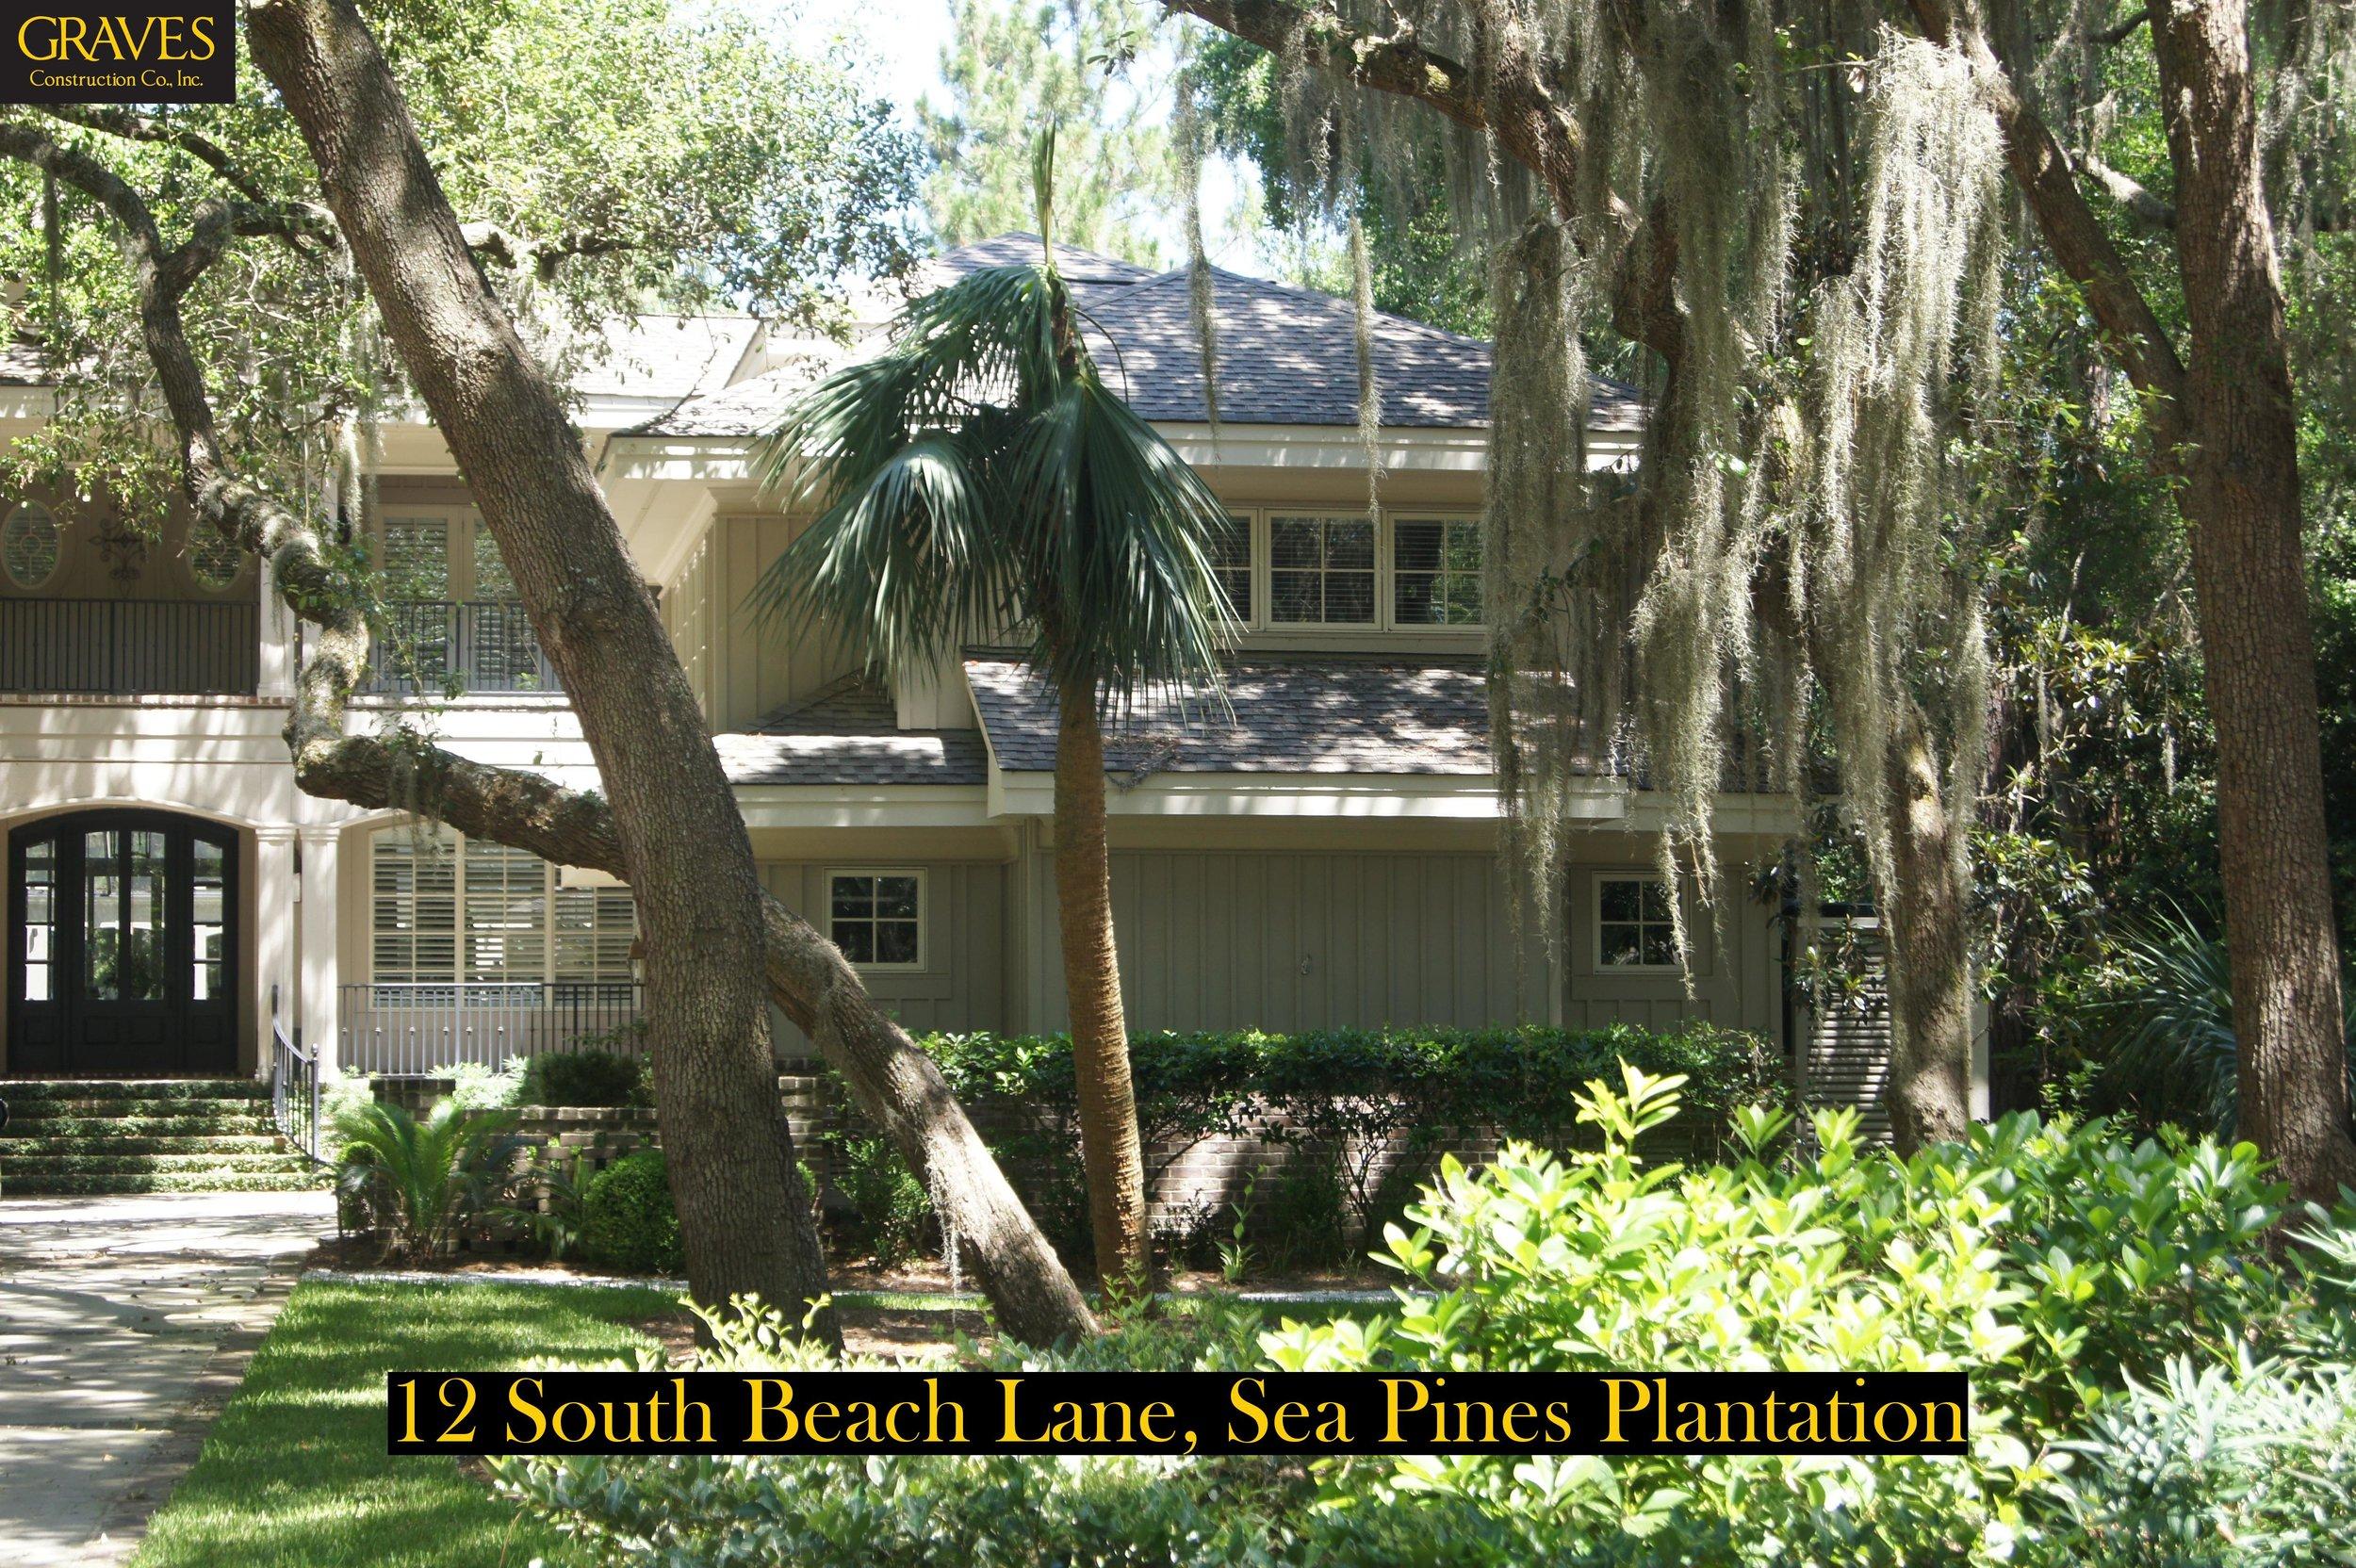 12 South Beach Lagoon Lane - 2